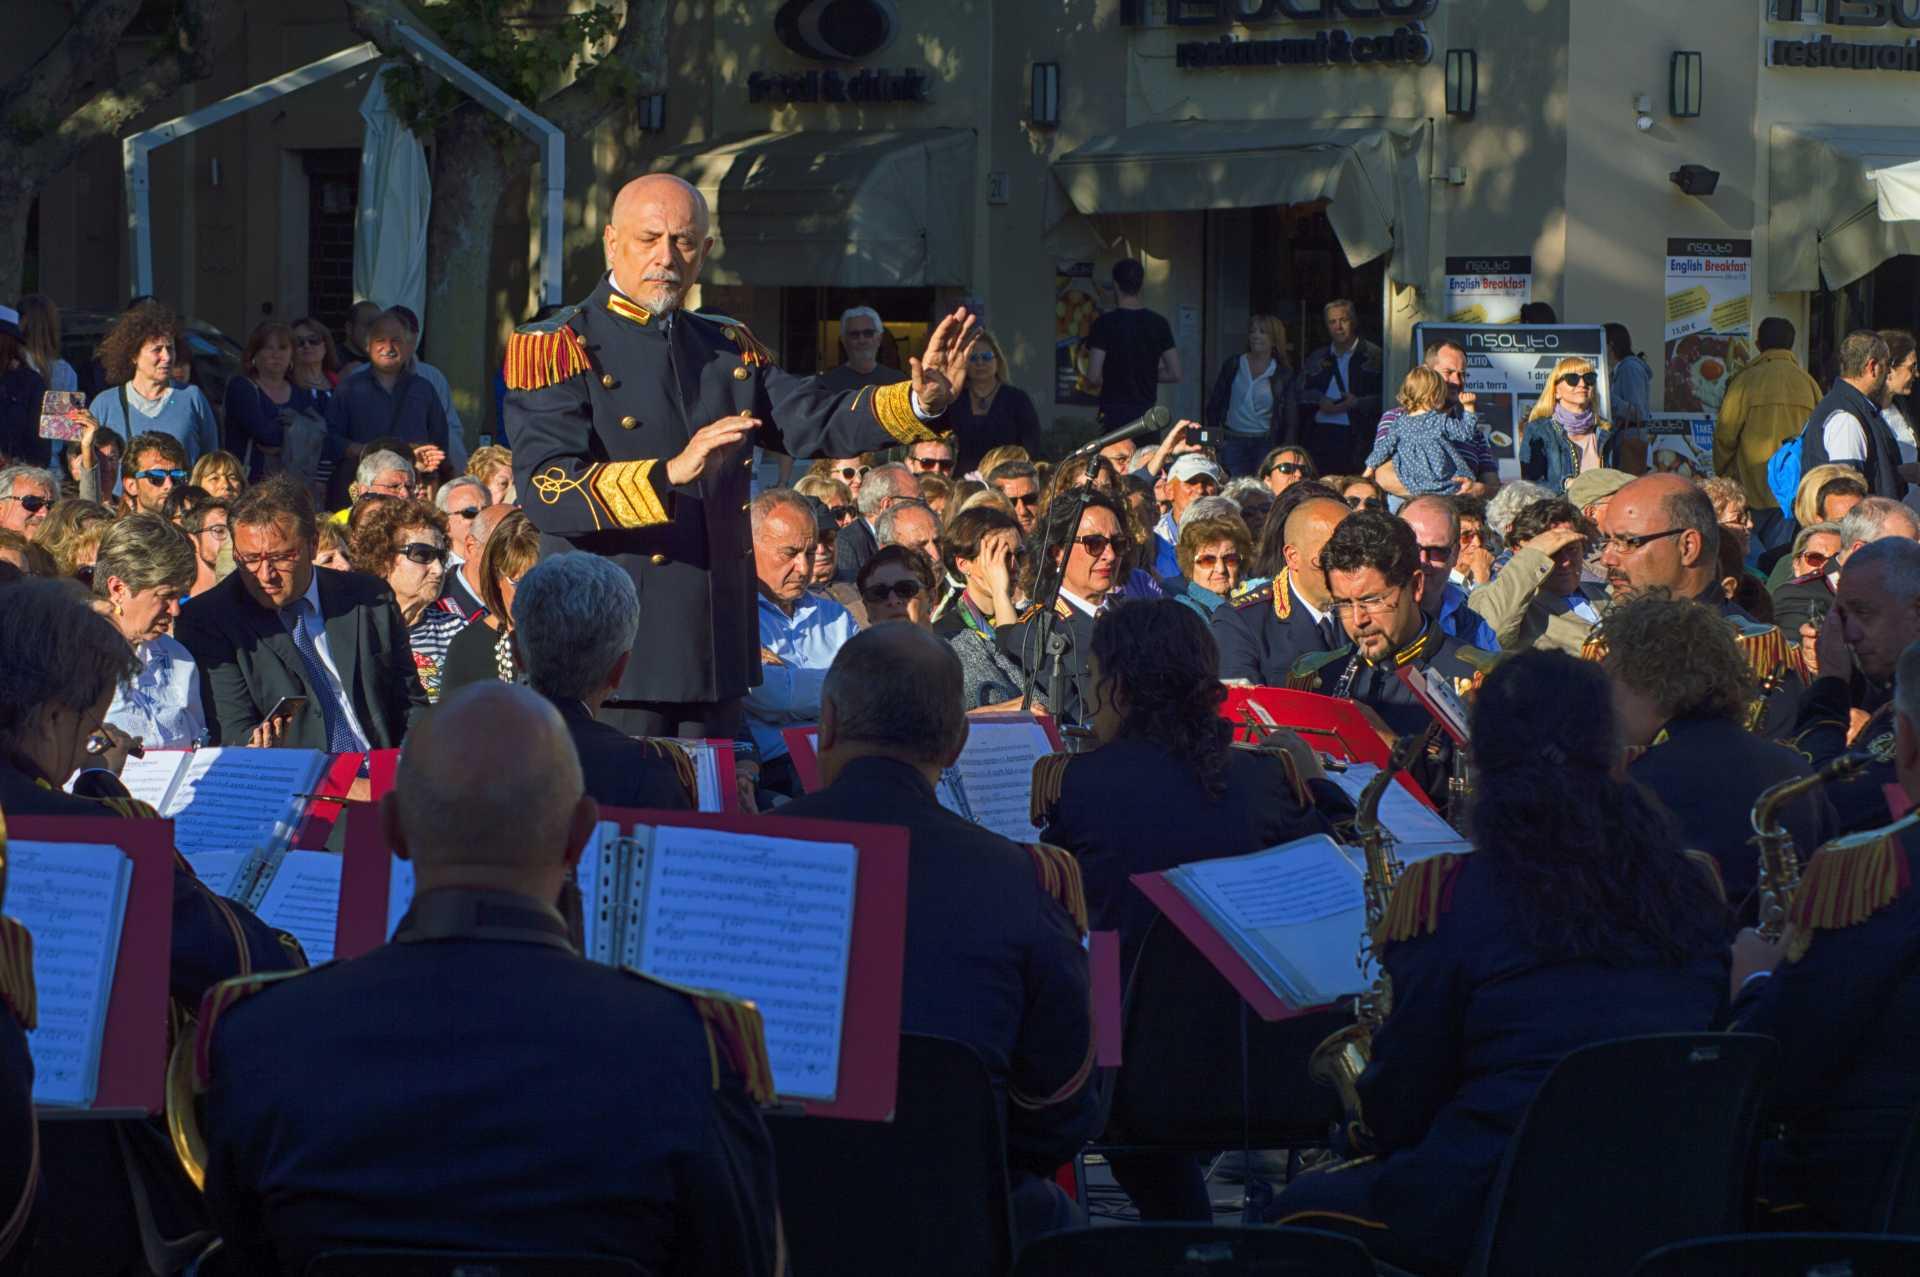 La banda della Polizia Municipale del Comune di Roma a Piazza Anco Marzio a Ostia